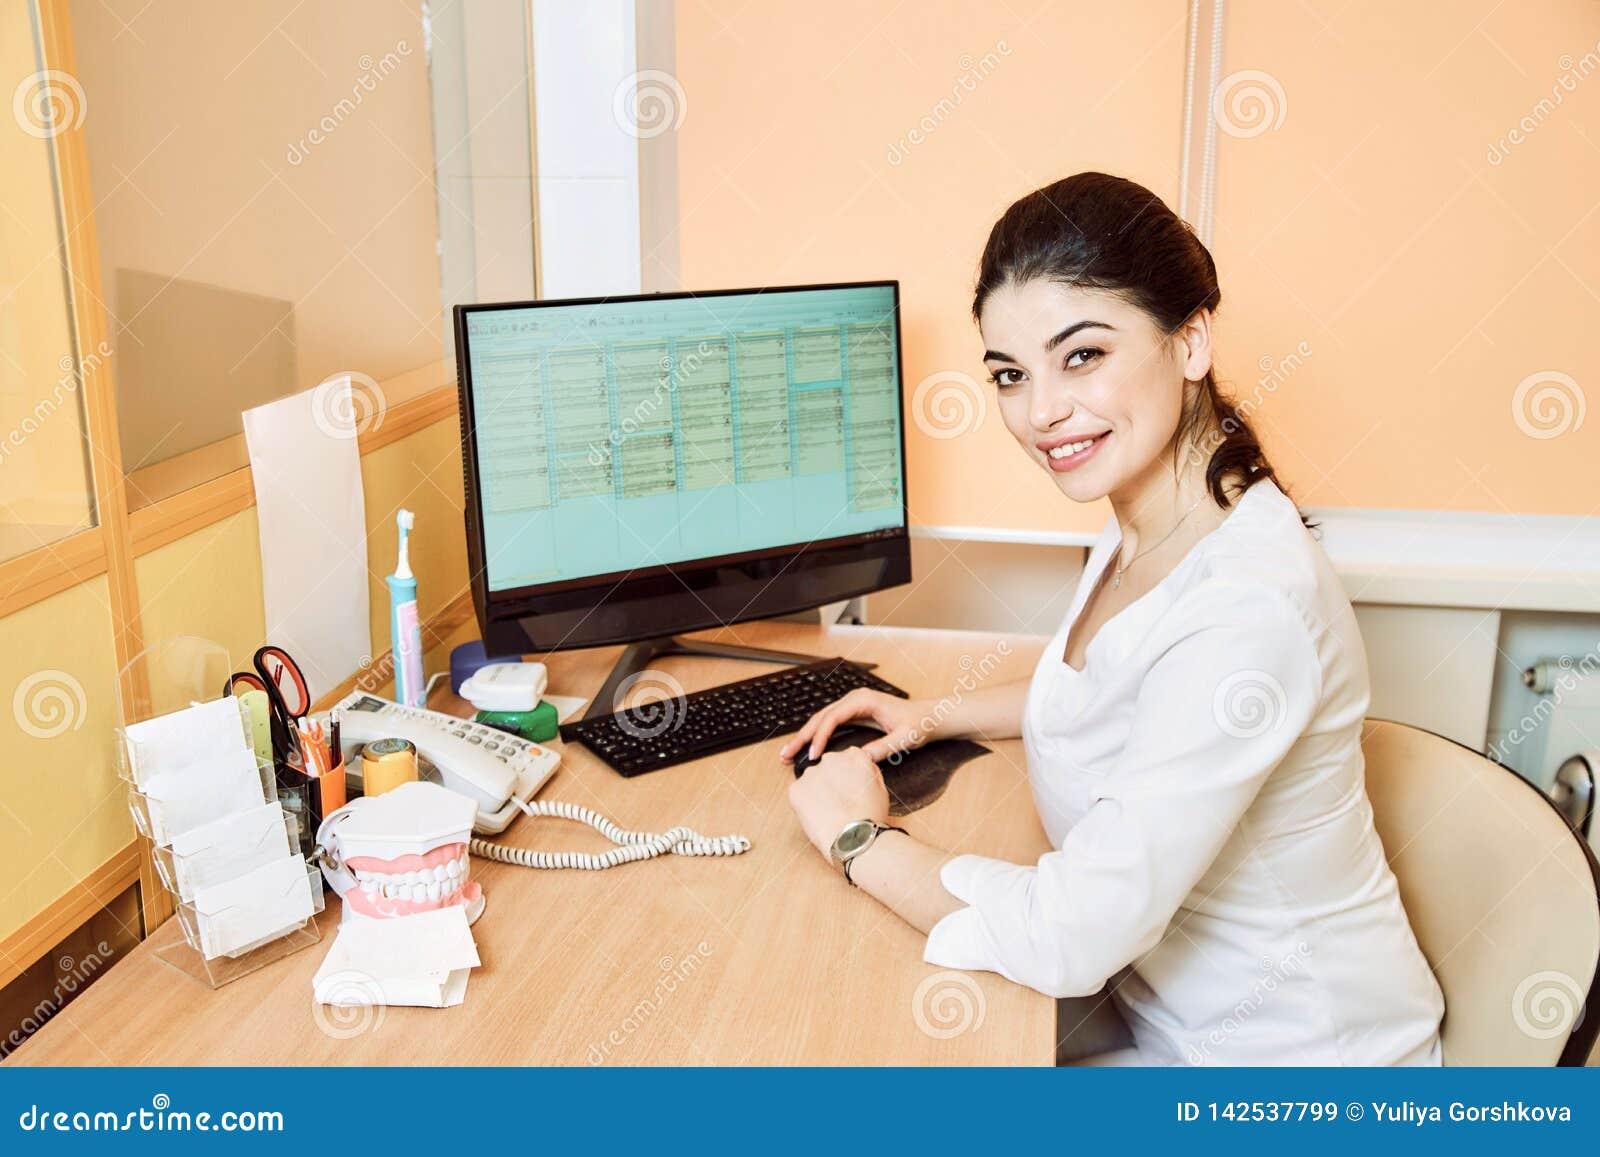 坐在桌上的牙医女孩在计算机和创造一个纪录